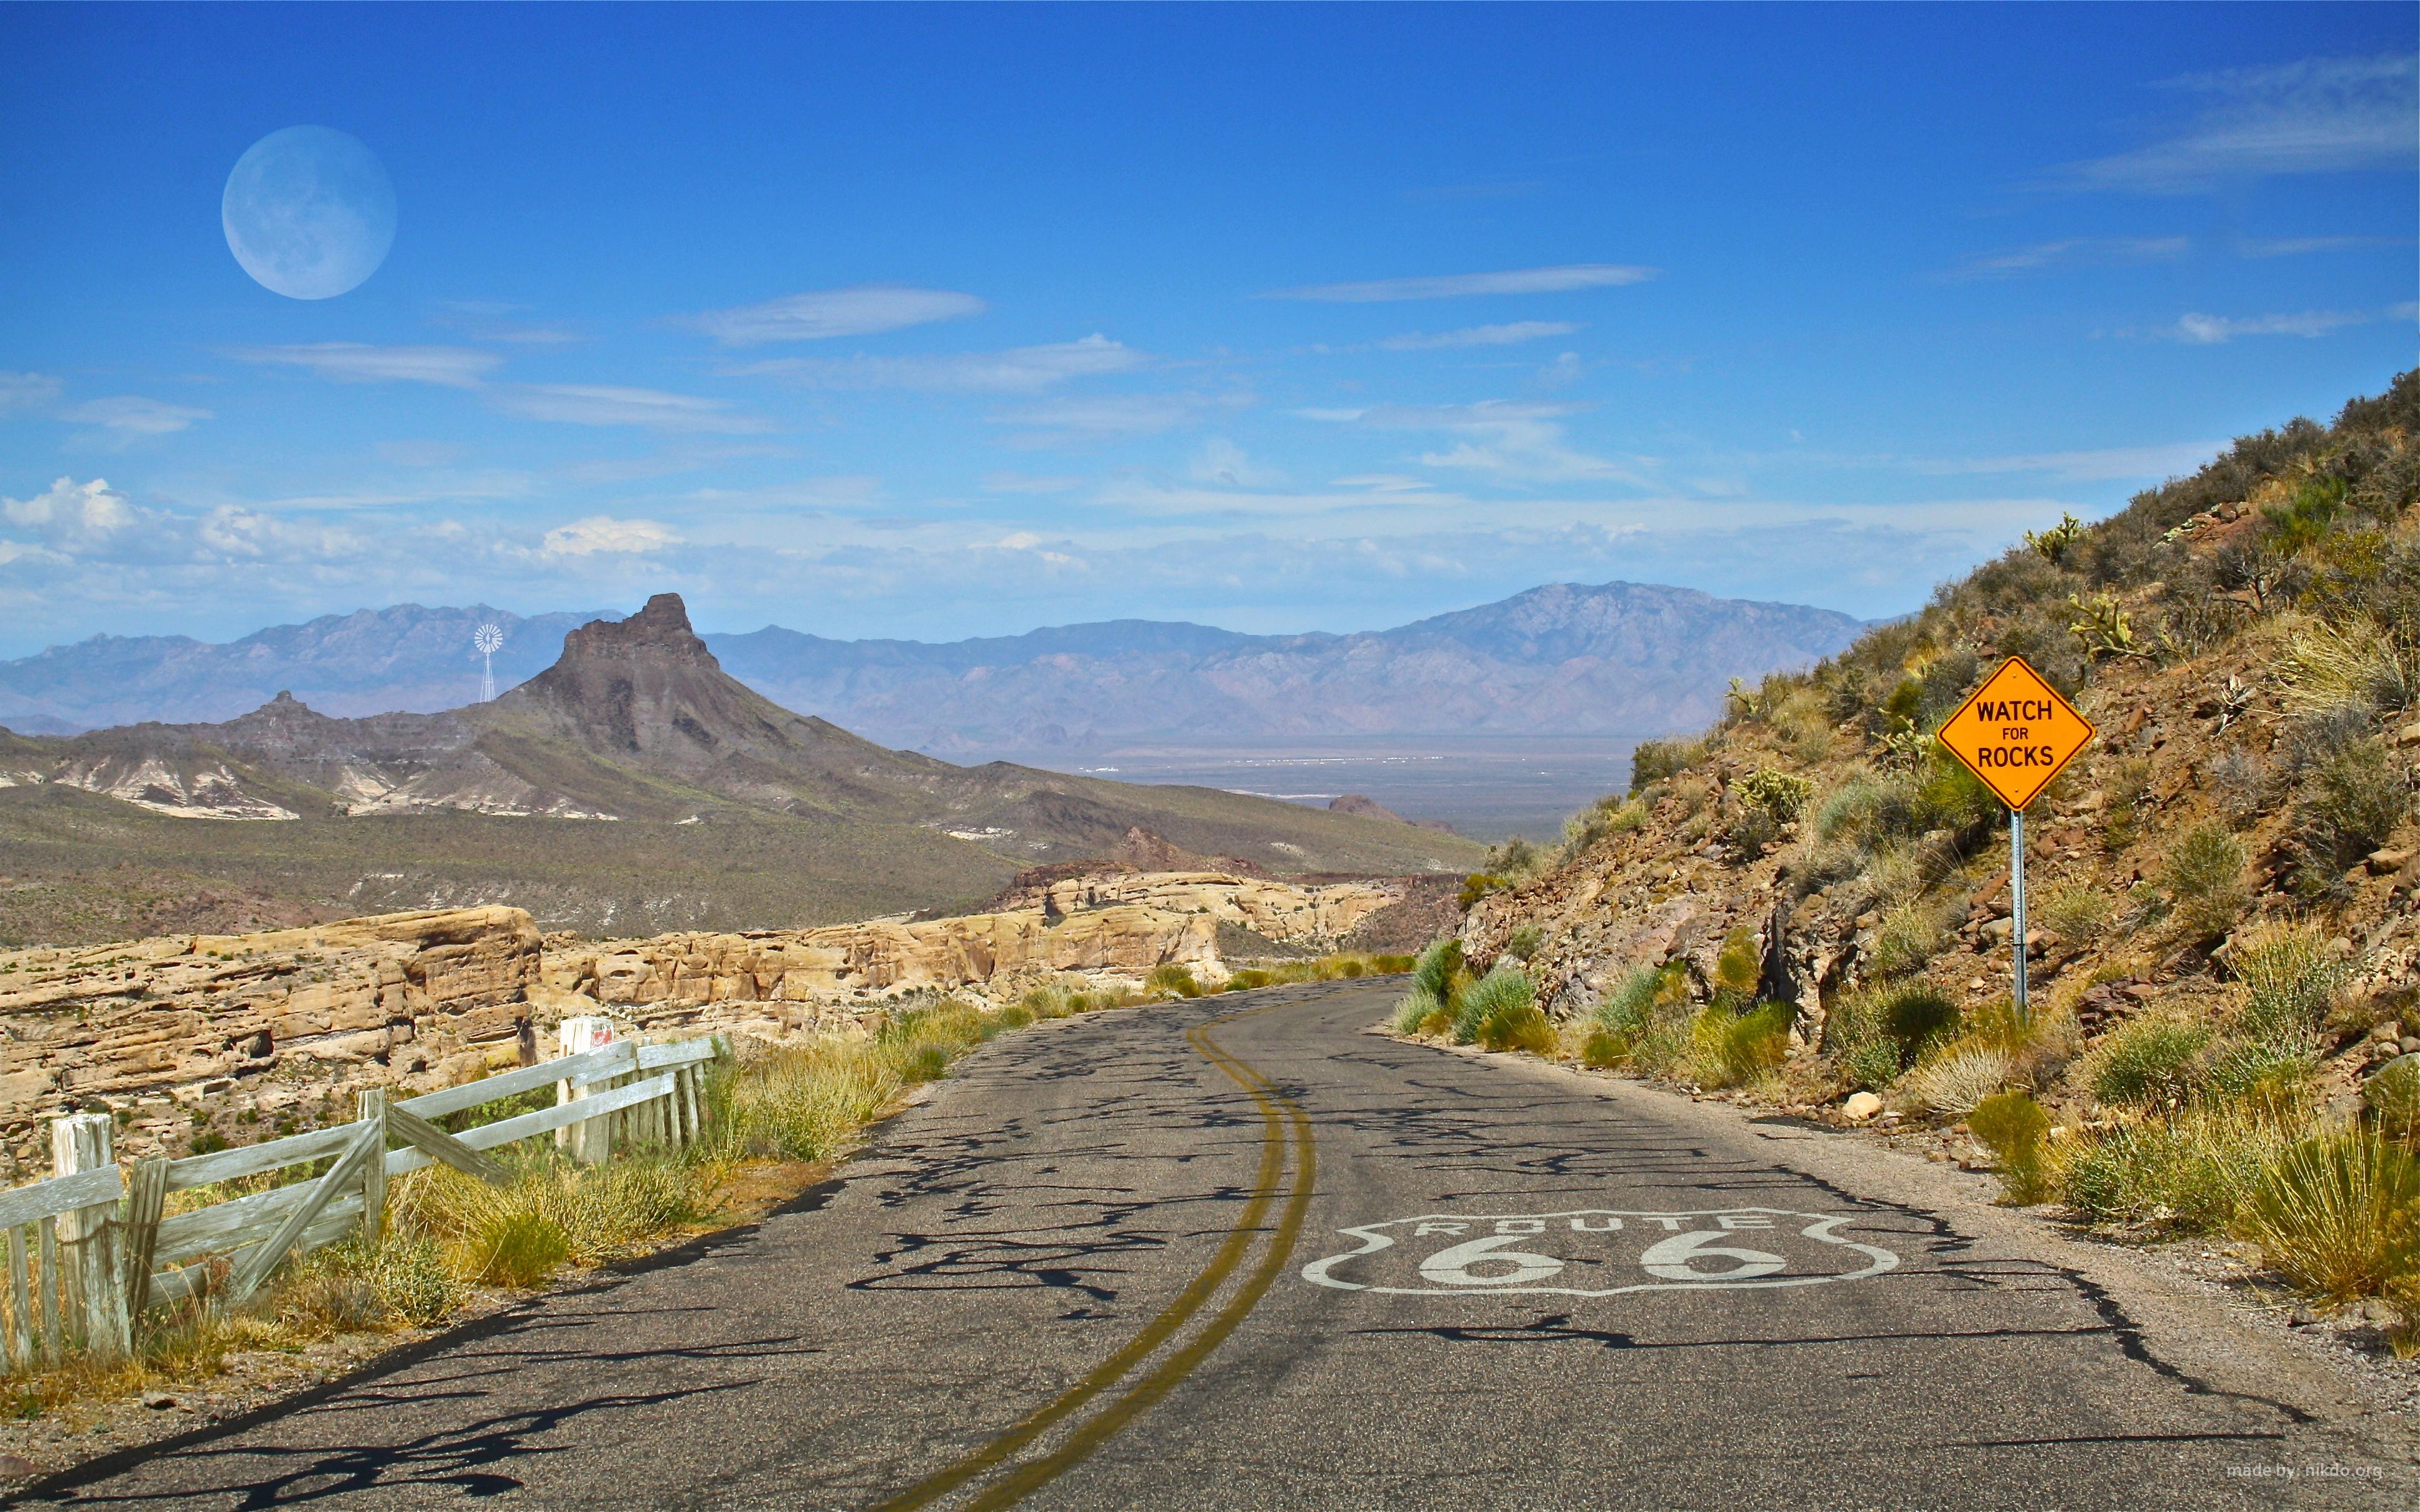 Route 66, routes du monde, plus belles routes, voyage, vacances, monde